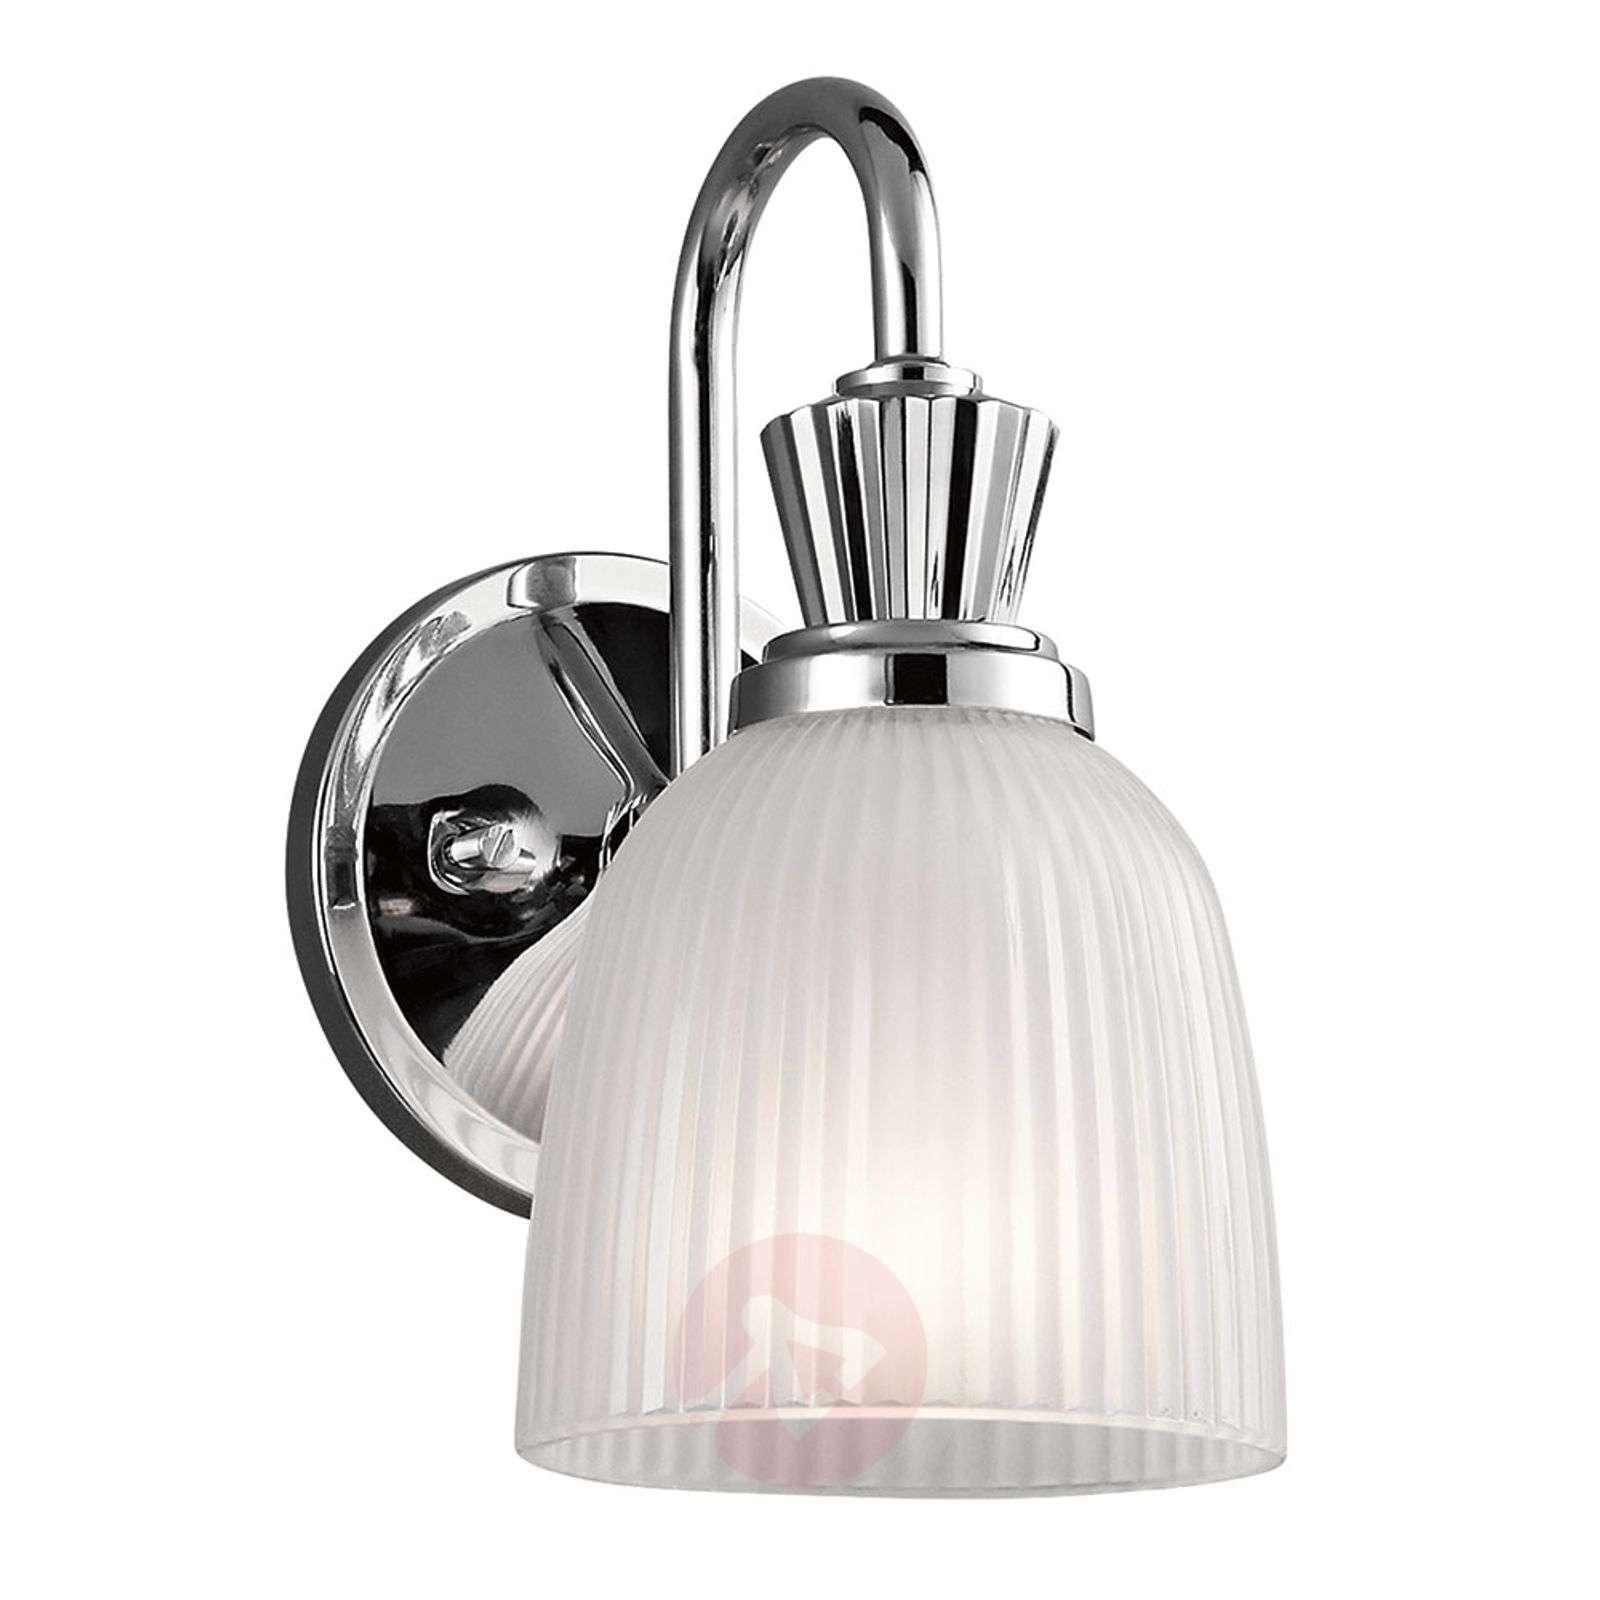 Cora-kylpyhuoneen LED-seinävalaisin lasikuvulla-3048859-01